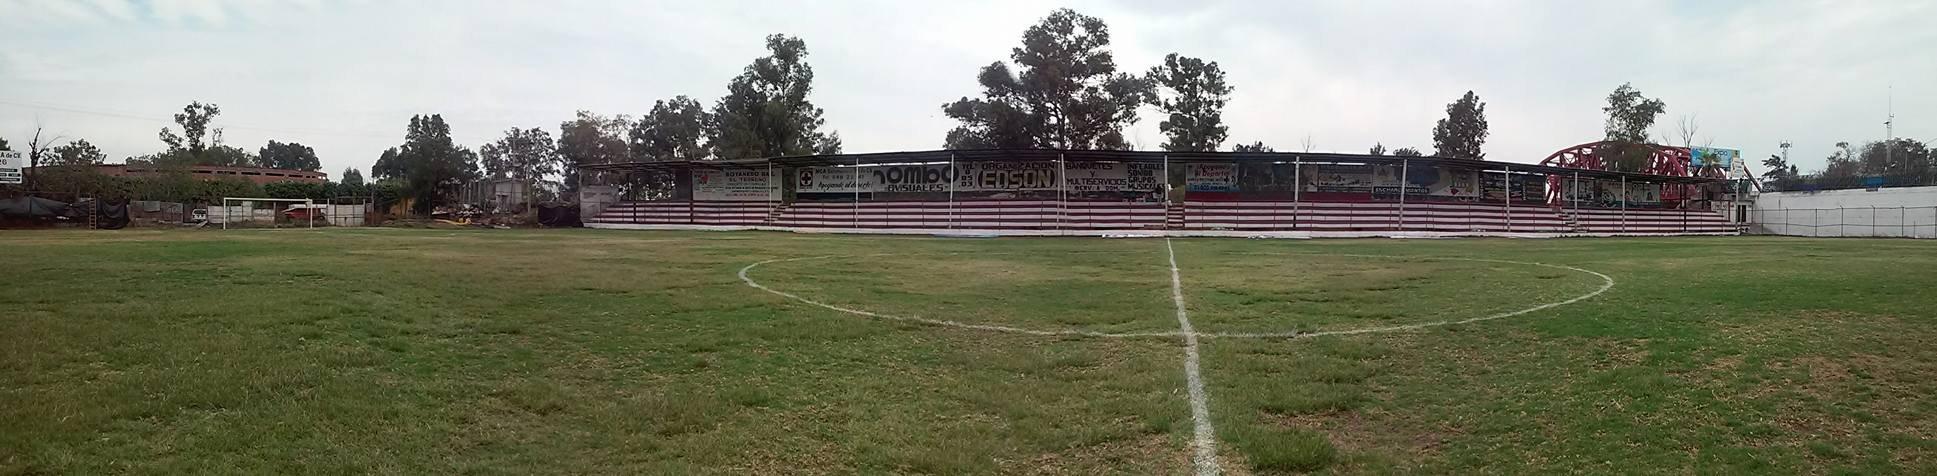 Estadio de Futbol El Molinito